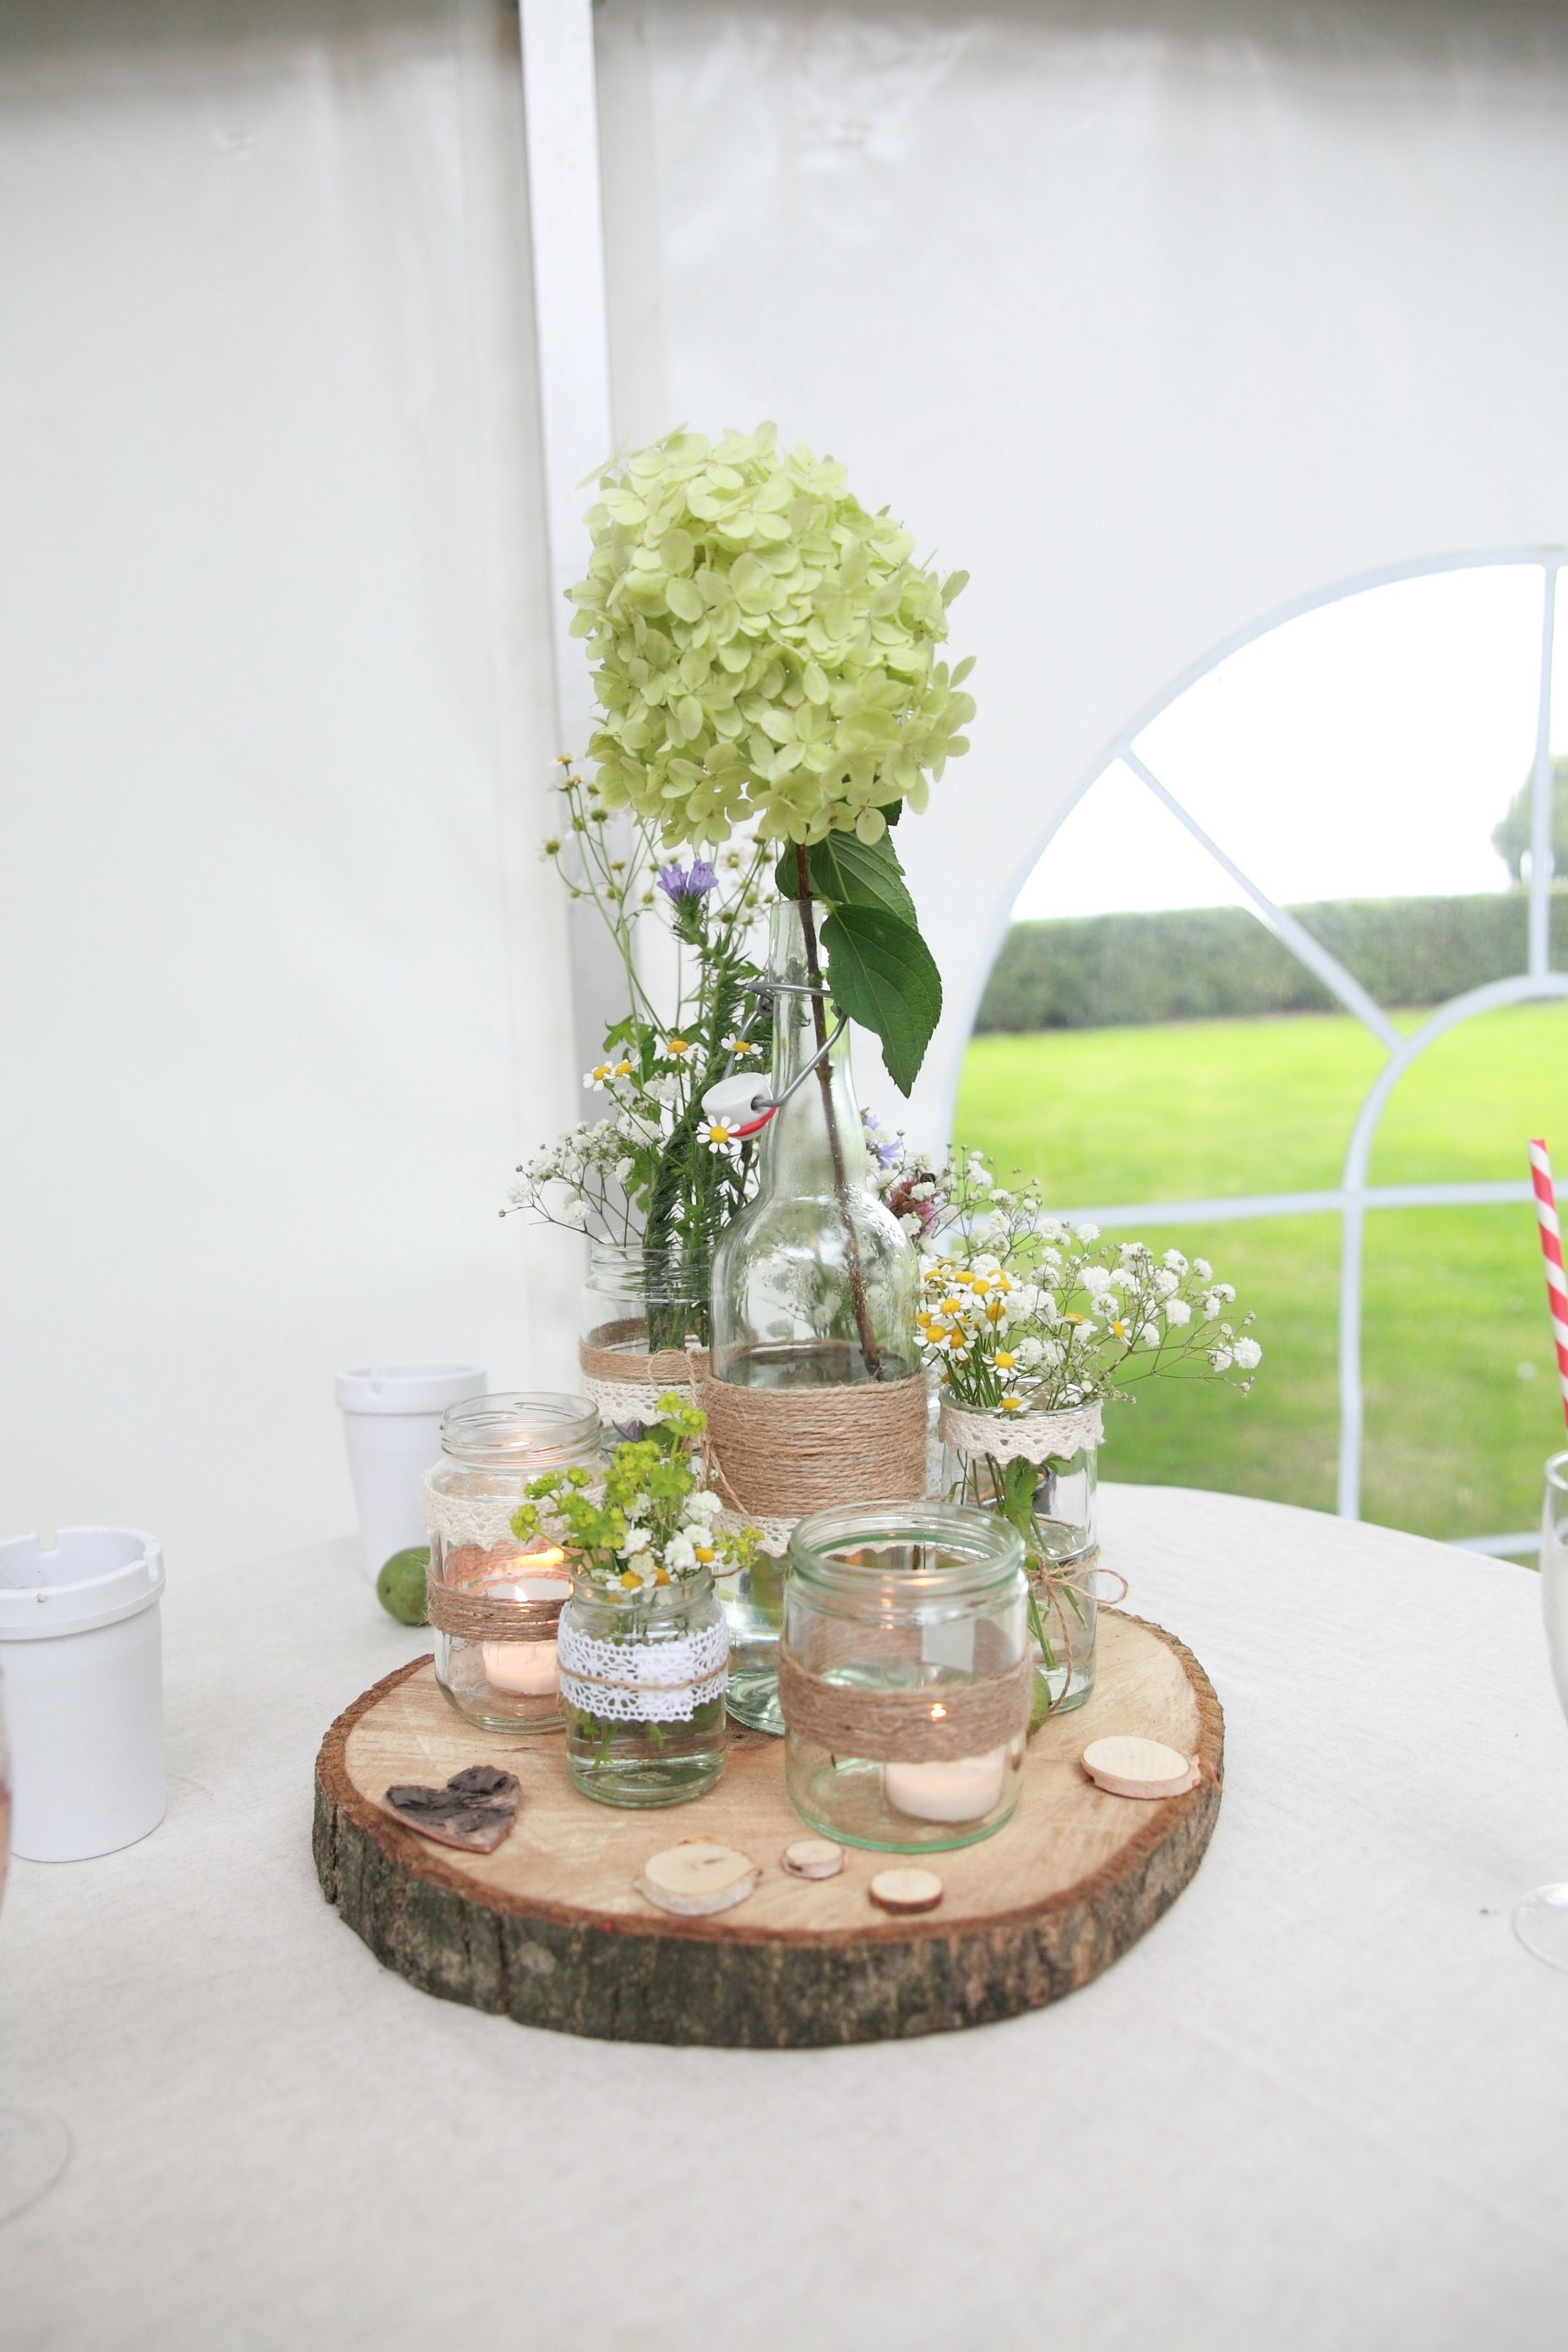 wedding hochzeit dekoration vintage blumen flaschen diy holz tischdekoration kirchliche. Black Bedroom Furniture Sets. Home Design Ideas